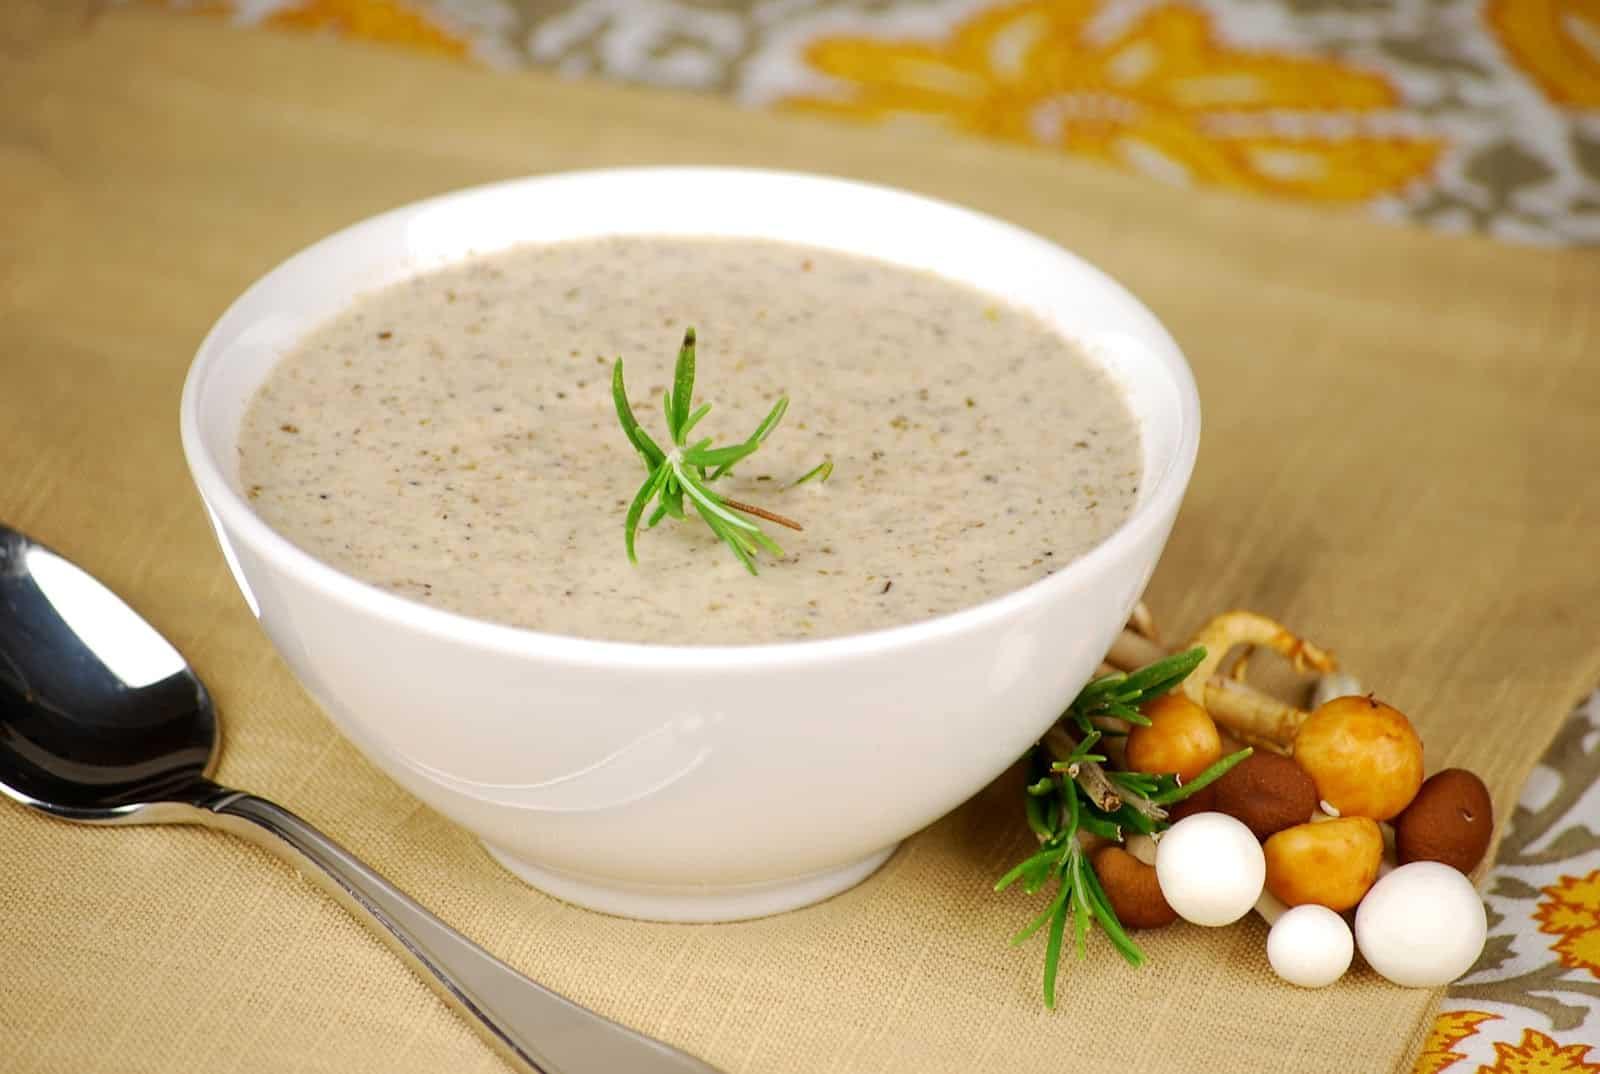 [Chăm sóc người già tại nhà] Gợi ý 3 món cháo dinh dưỡng cho người già